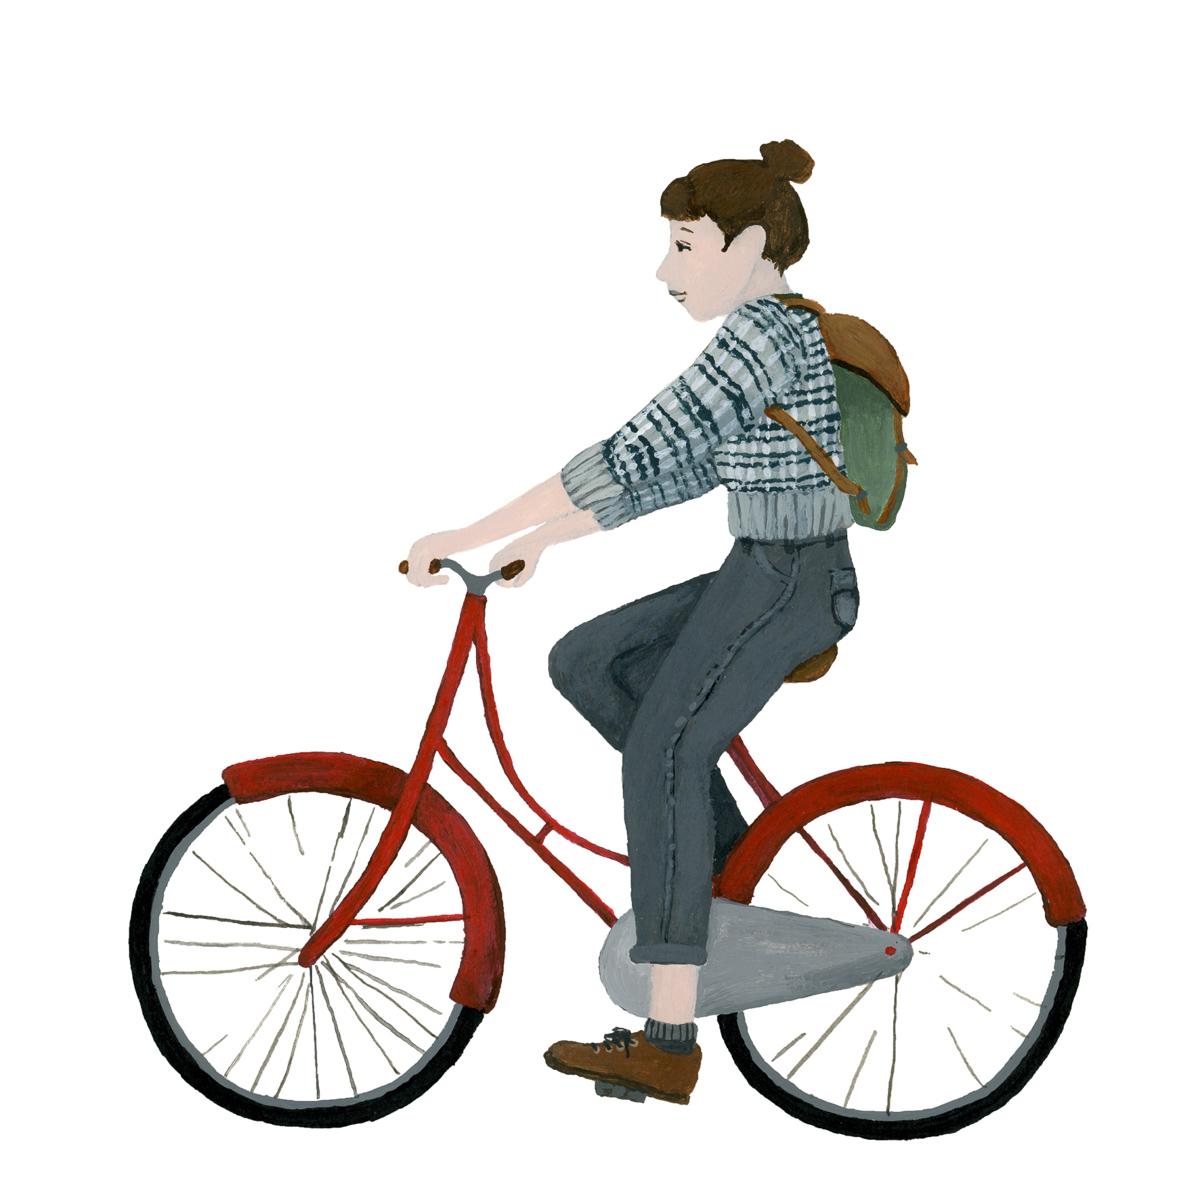 lacabanenvoyage-mensen-illustraties-tekeningen-6.jpg